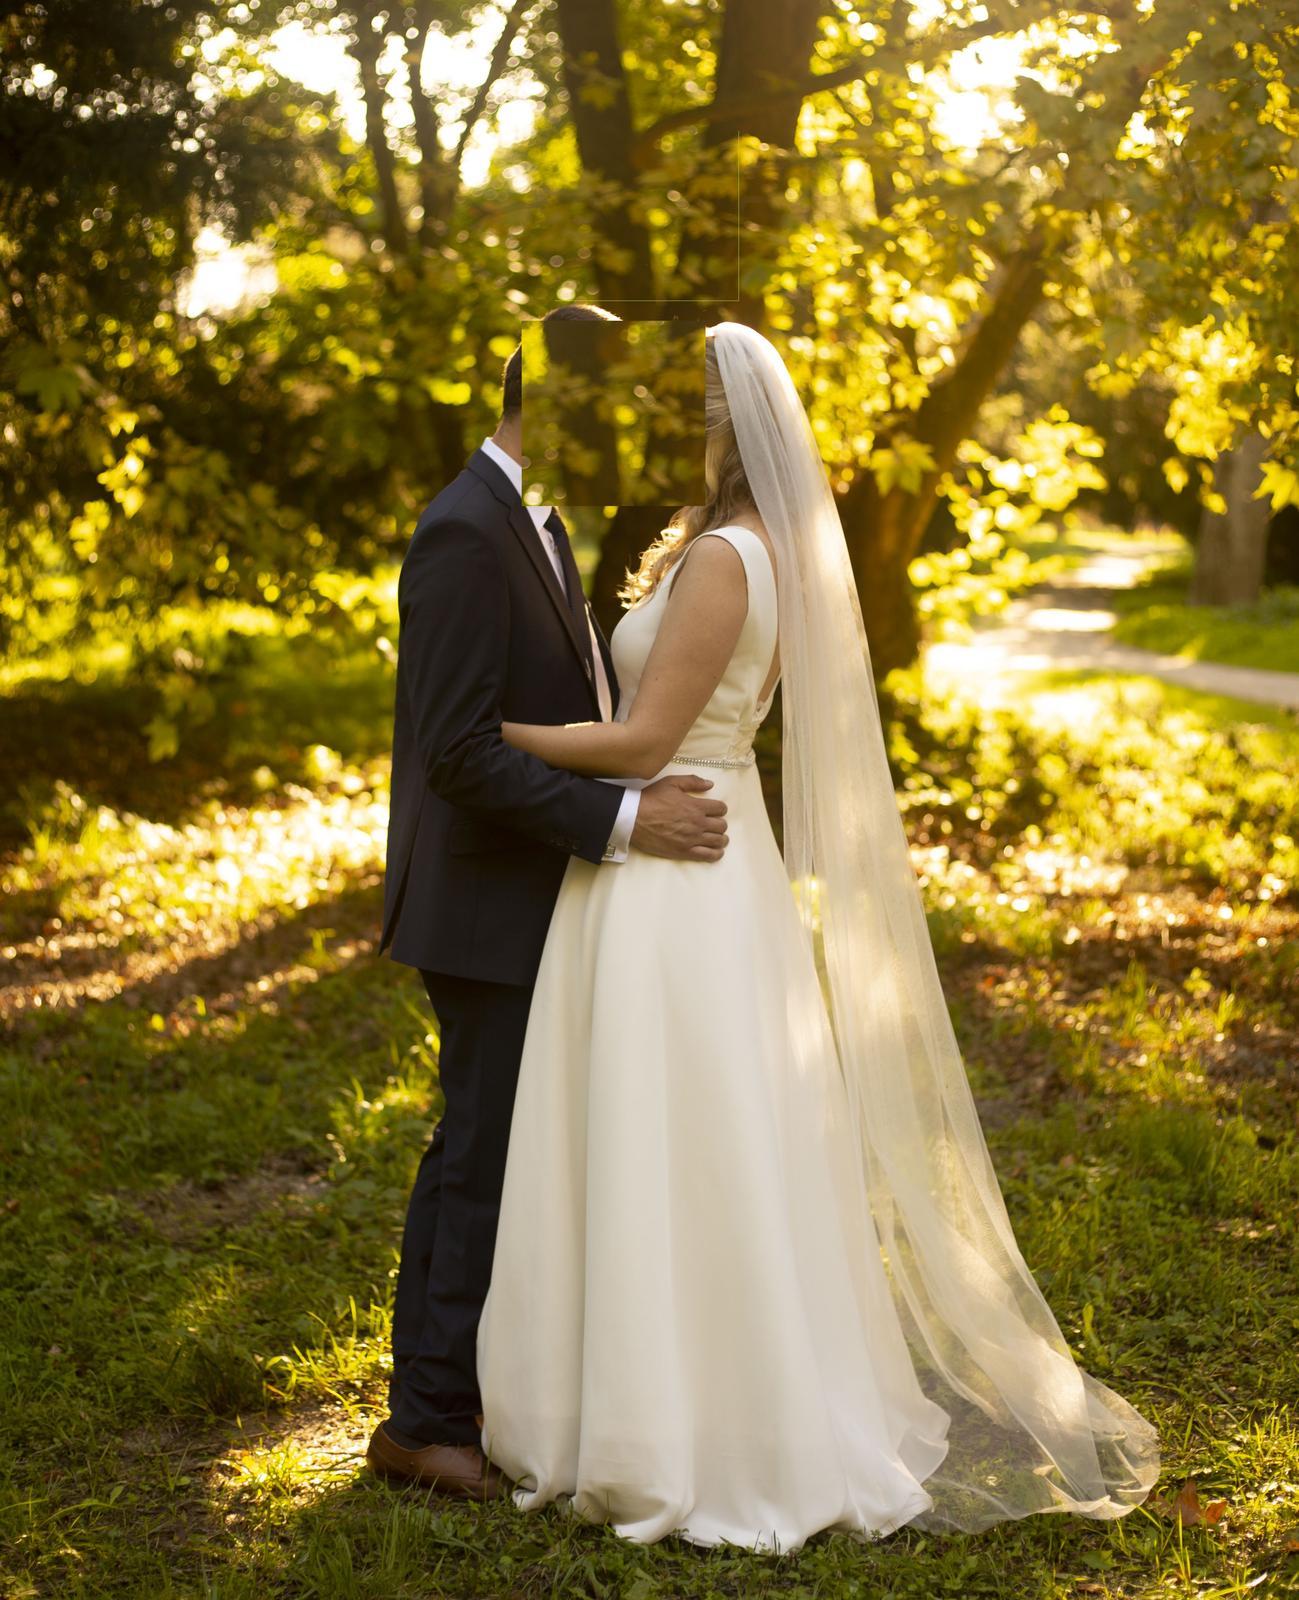 svadobné šaty, ivory (38-40)+ spodnička zadarmo - Obrázok č. 1